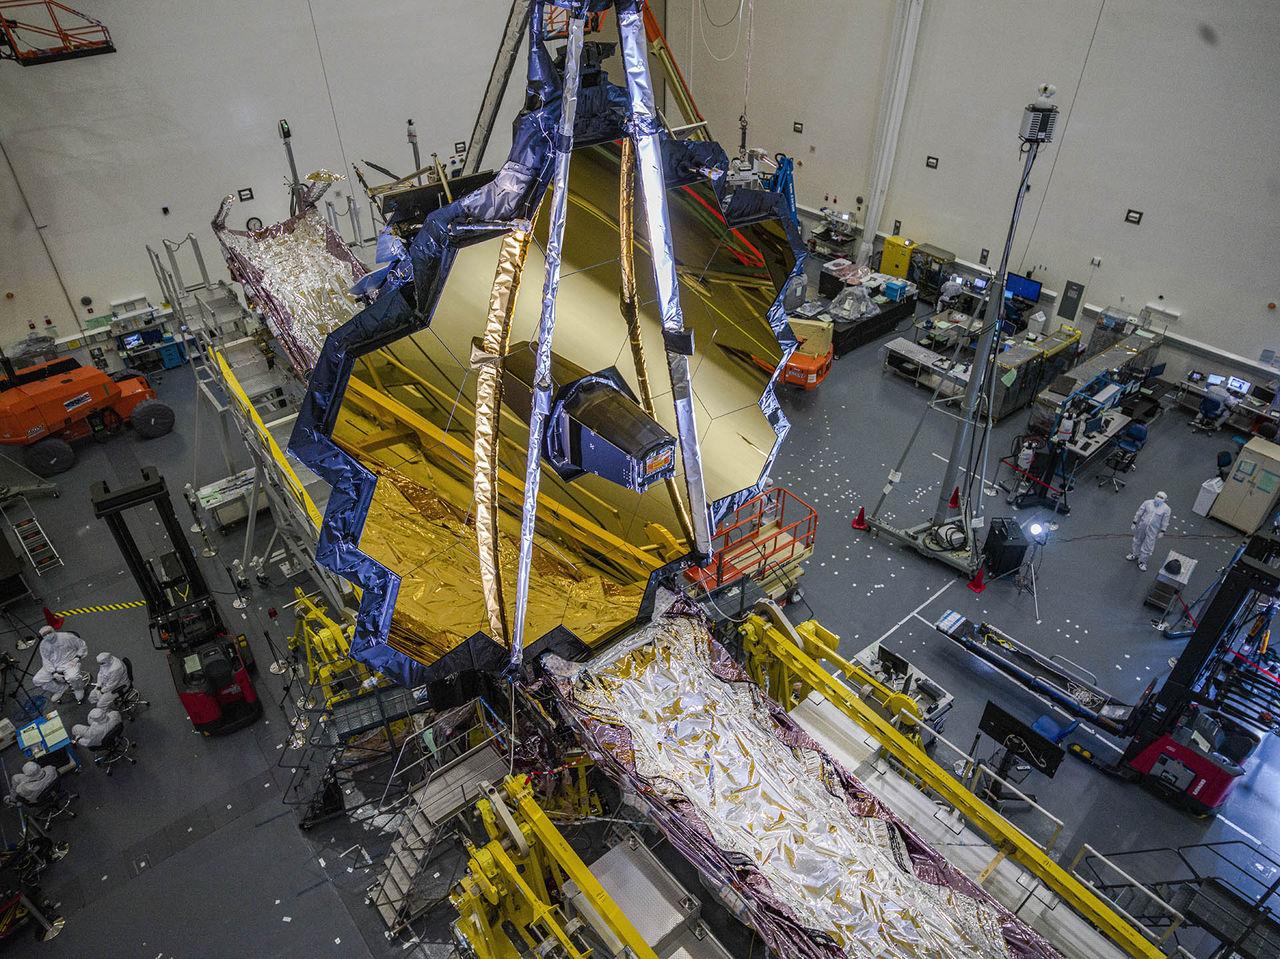 James Webb-teleskopet ska åka till rymden nästa höst